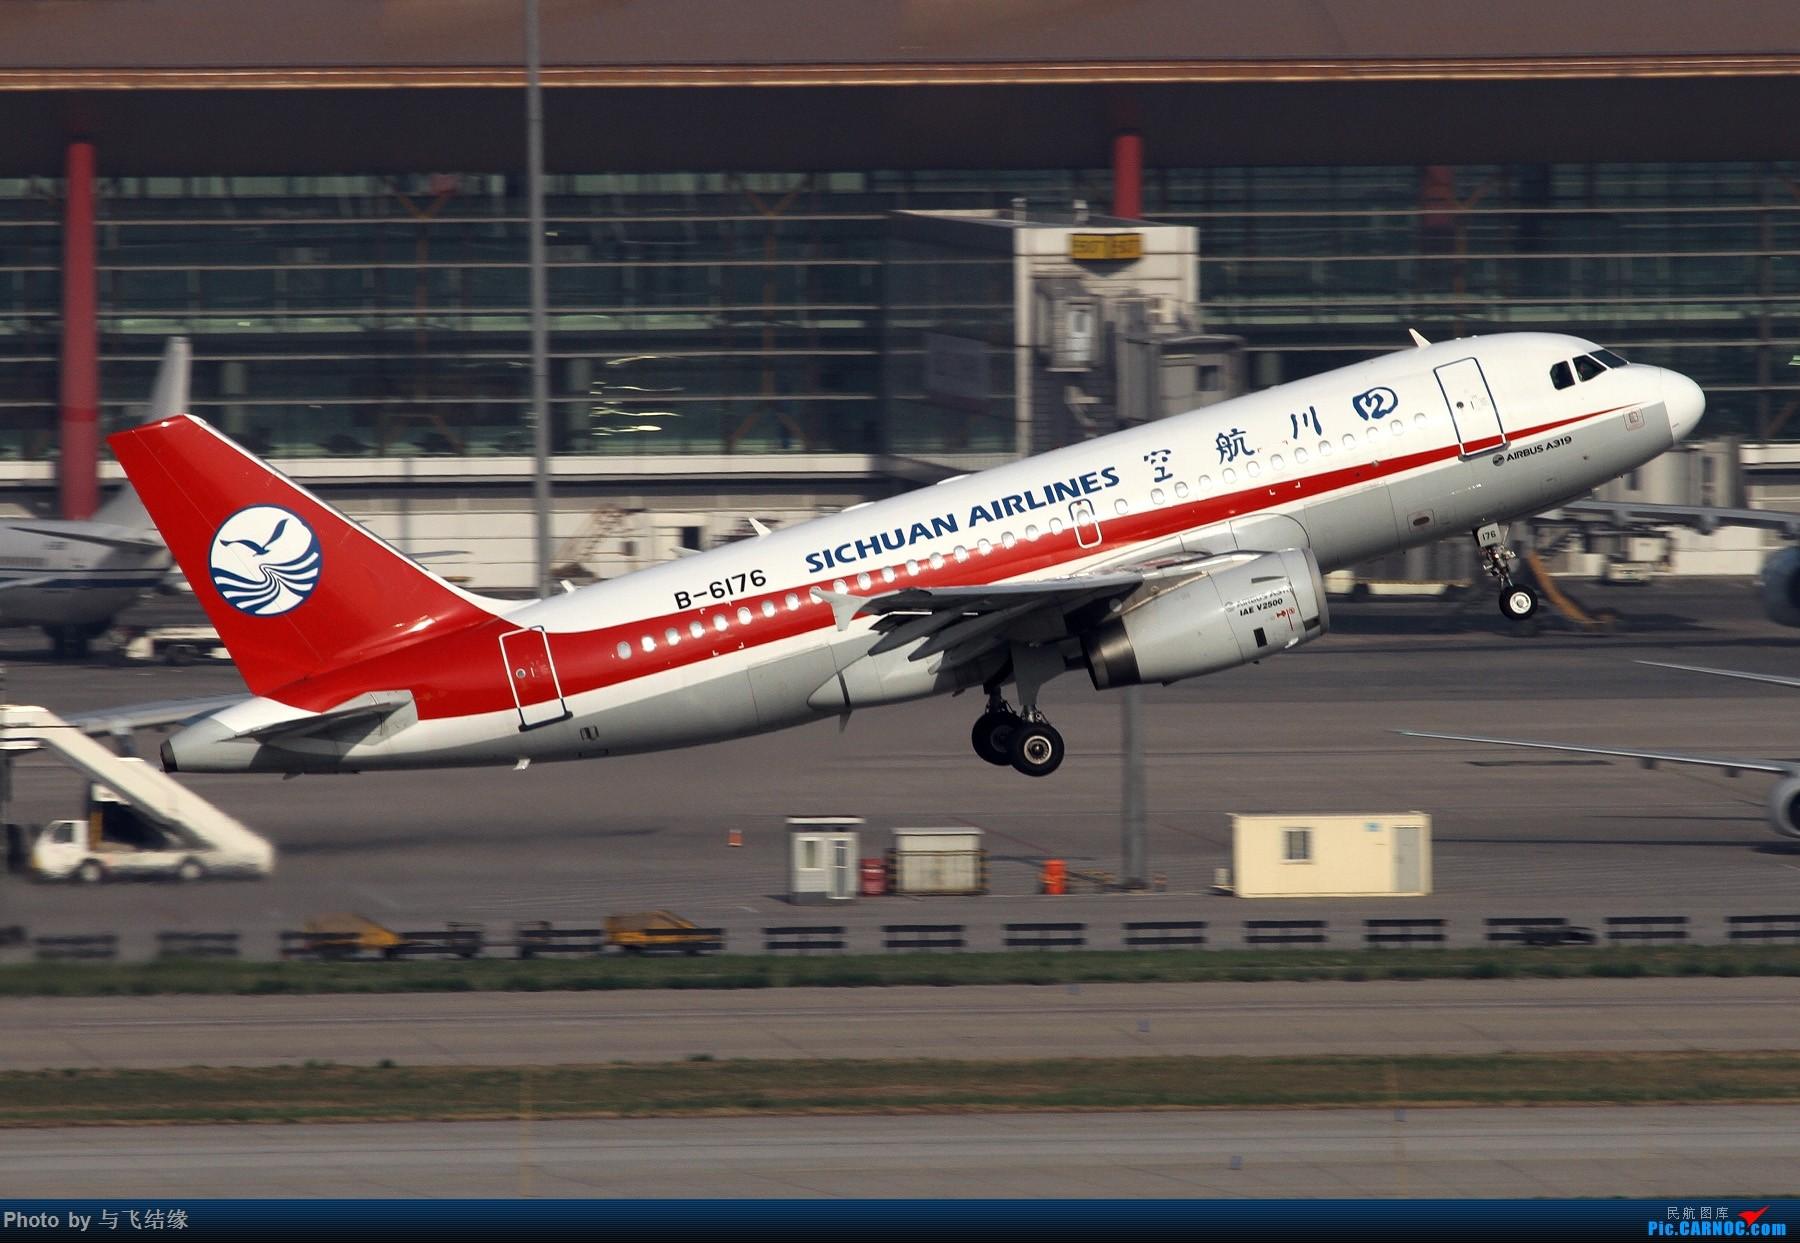 [原创]在PEK腾空而起的四川航空Airbus A319-100,B-6176. AIRBUS A319-100 B-6176 中国北京首都国际机场